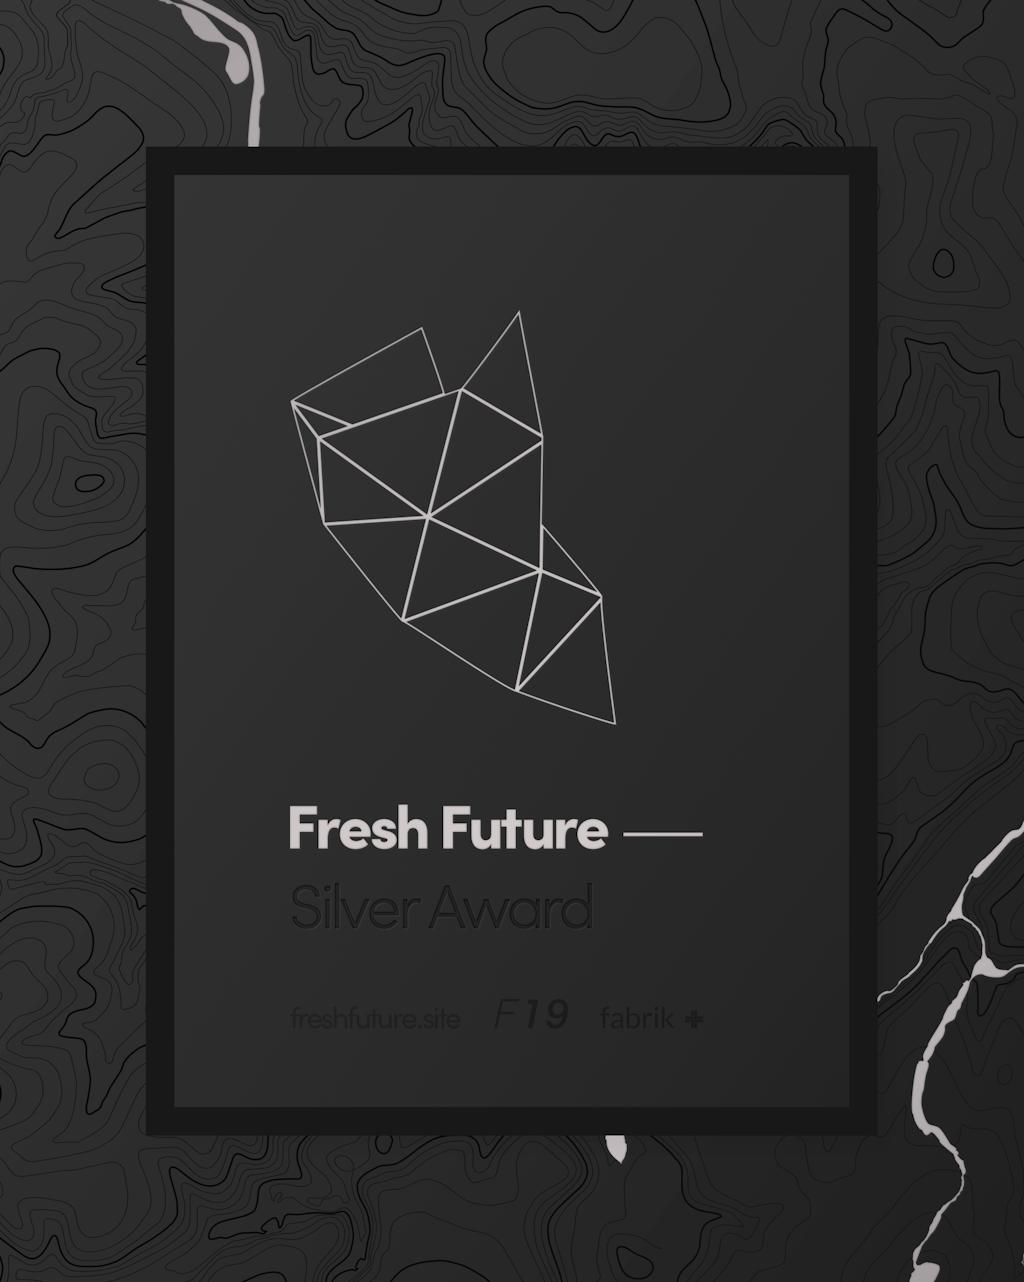 Fresh 19 Silver award